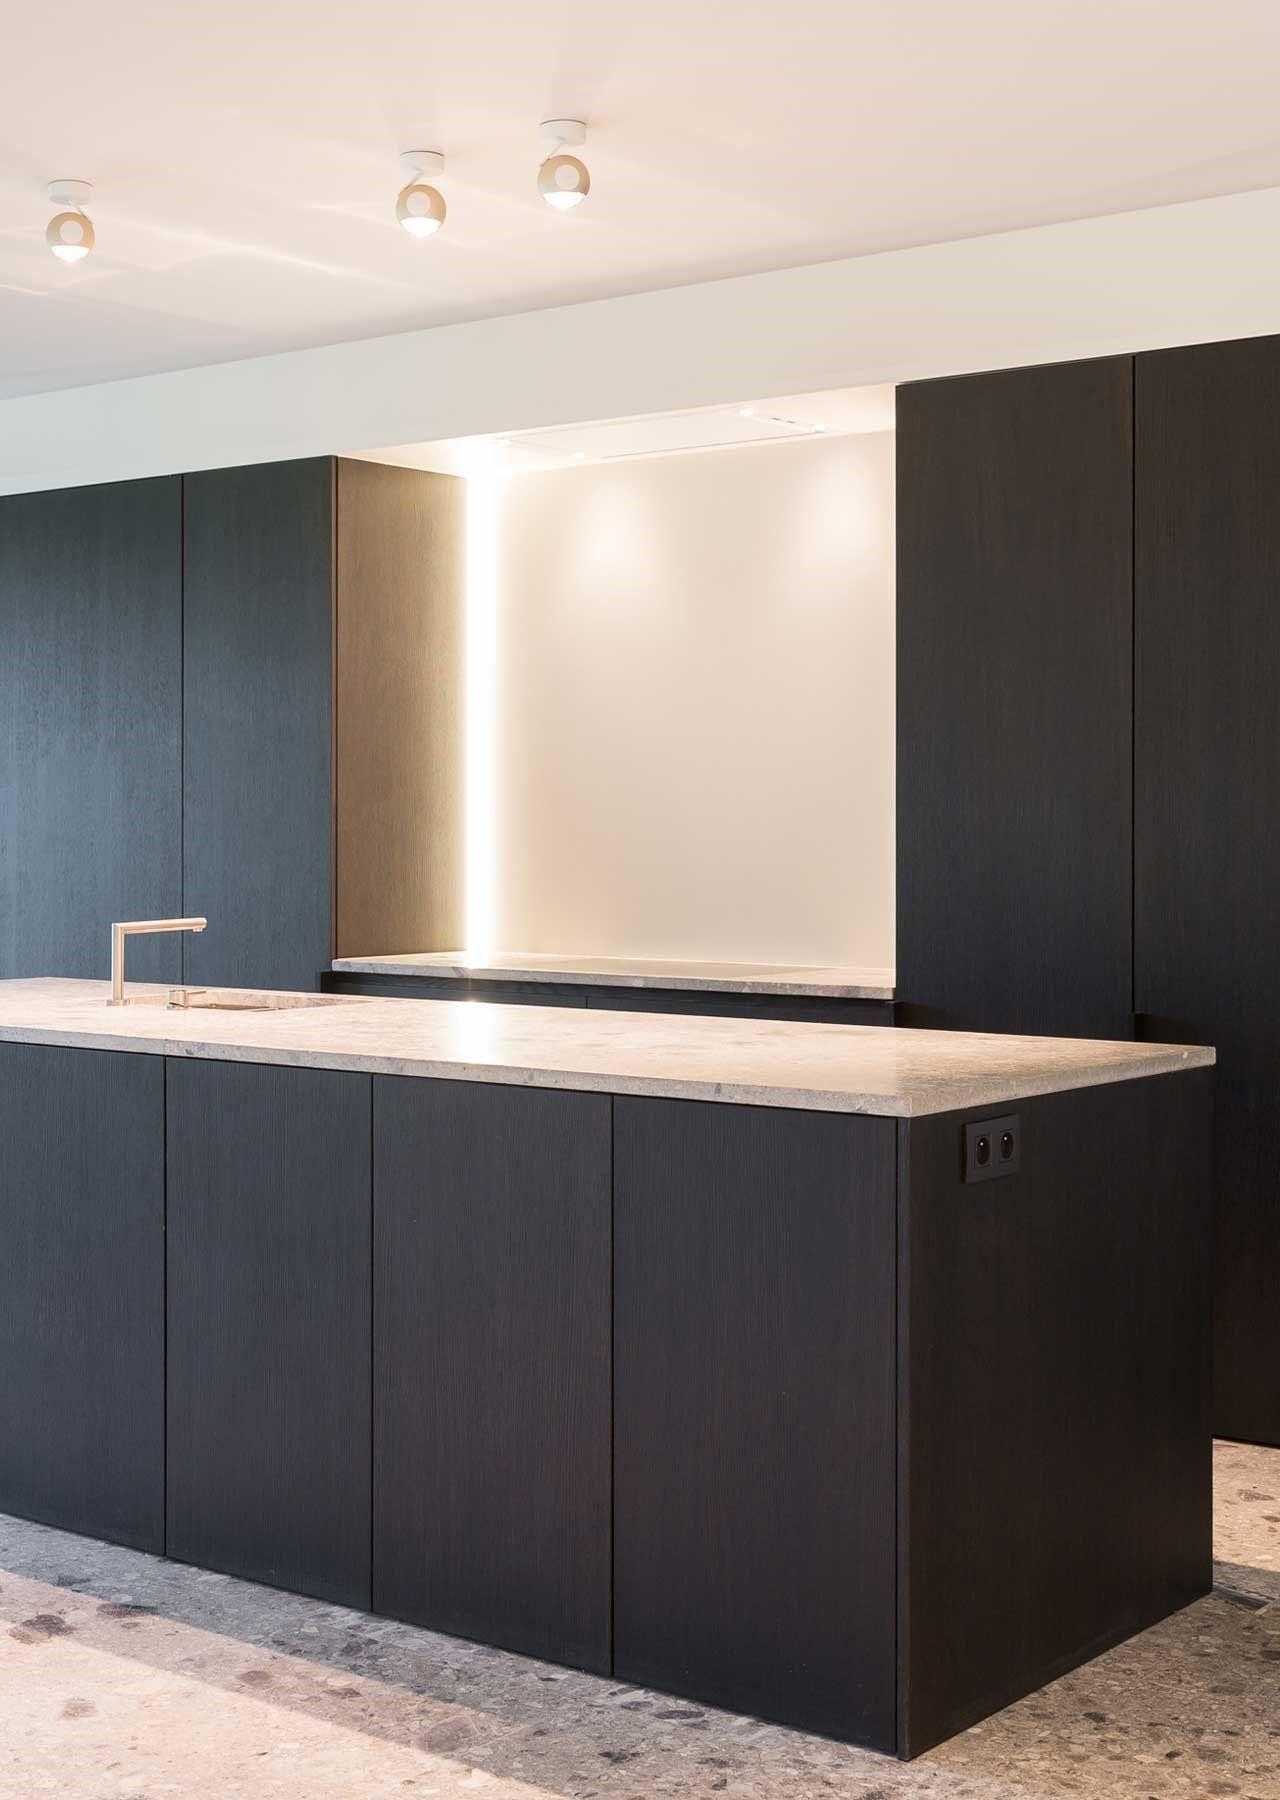 Dekeyzer Hedendaagse Moderne En Minimalistische Keukens Contemporary Style Kitchen Contemporary Kitchen Design Home Decor